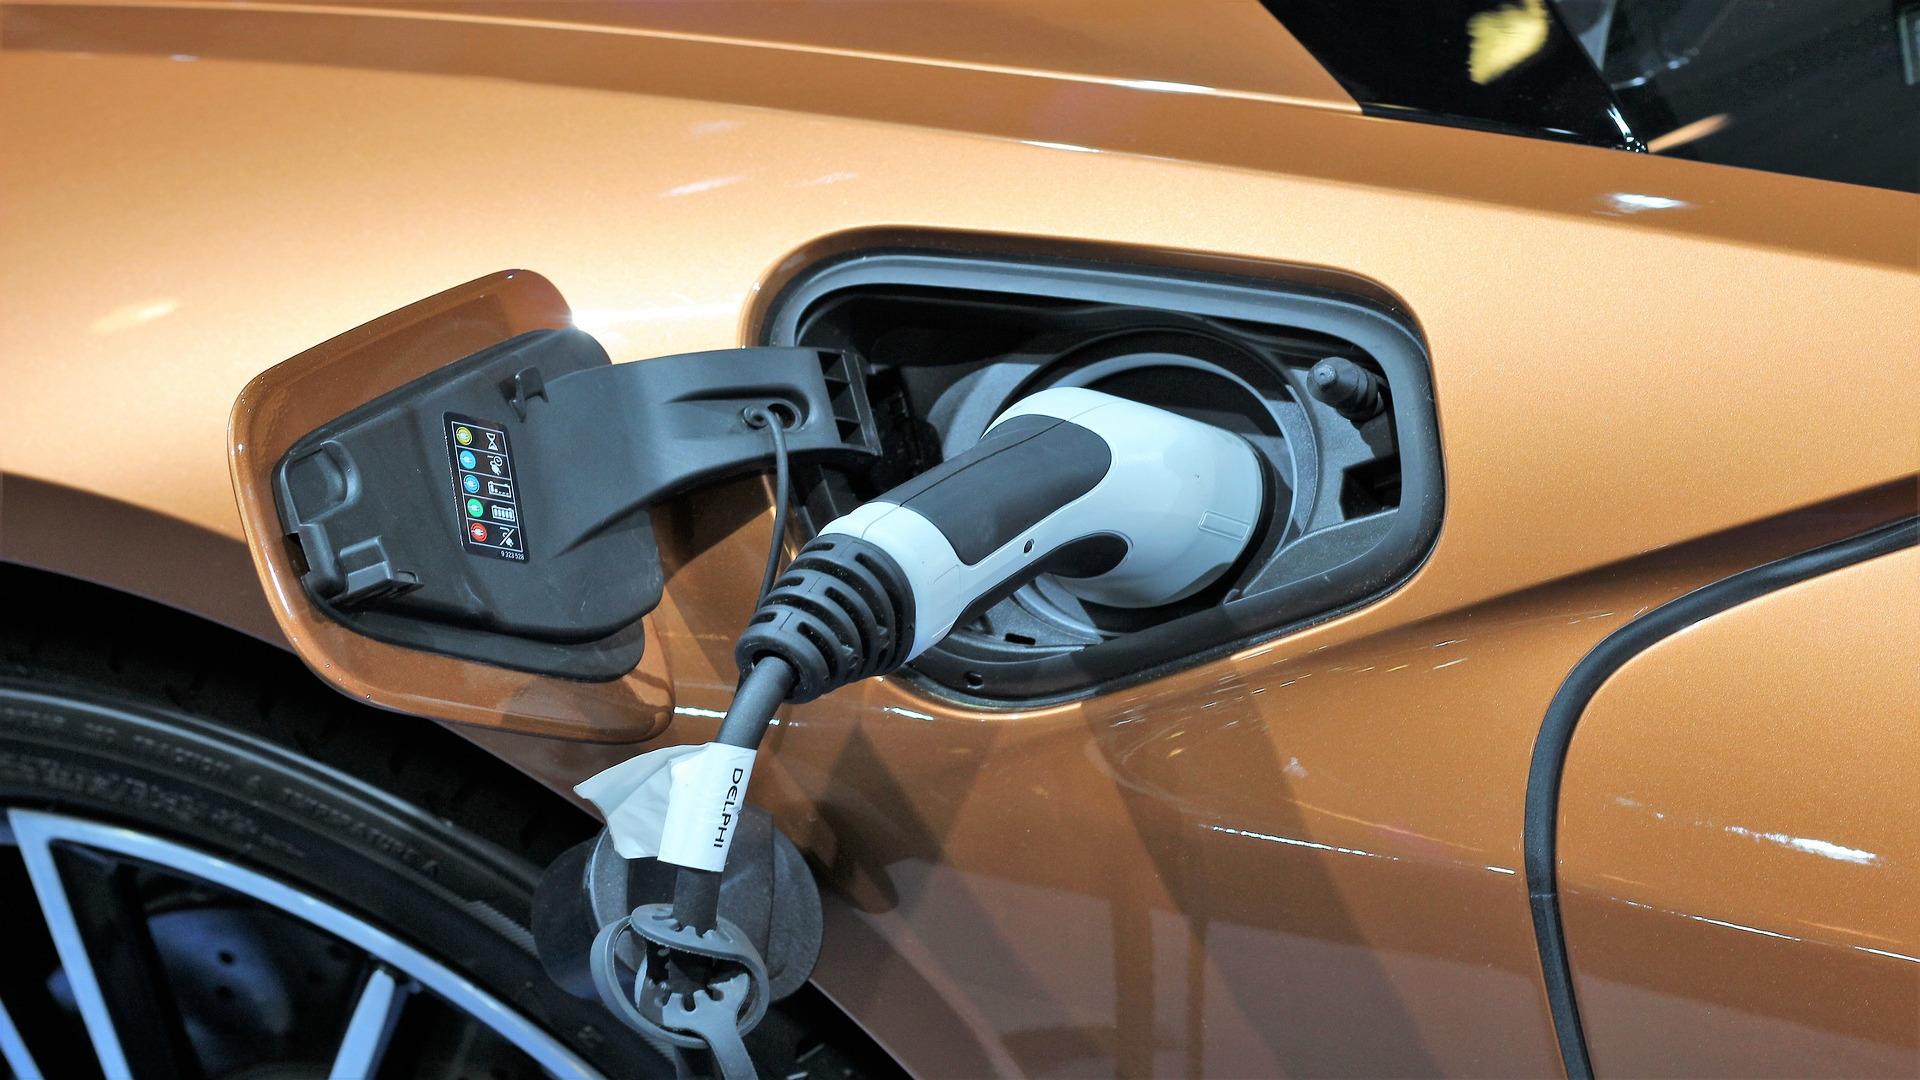 Nuevo plan del Gobierno para multiplicar las ayudas al coche electrico1920